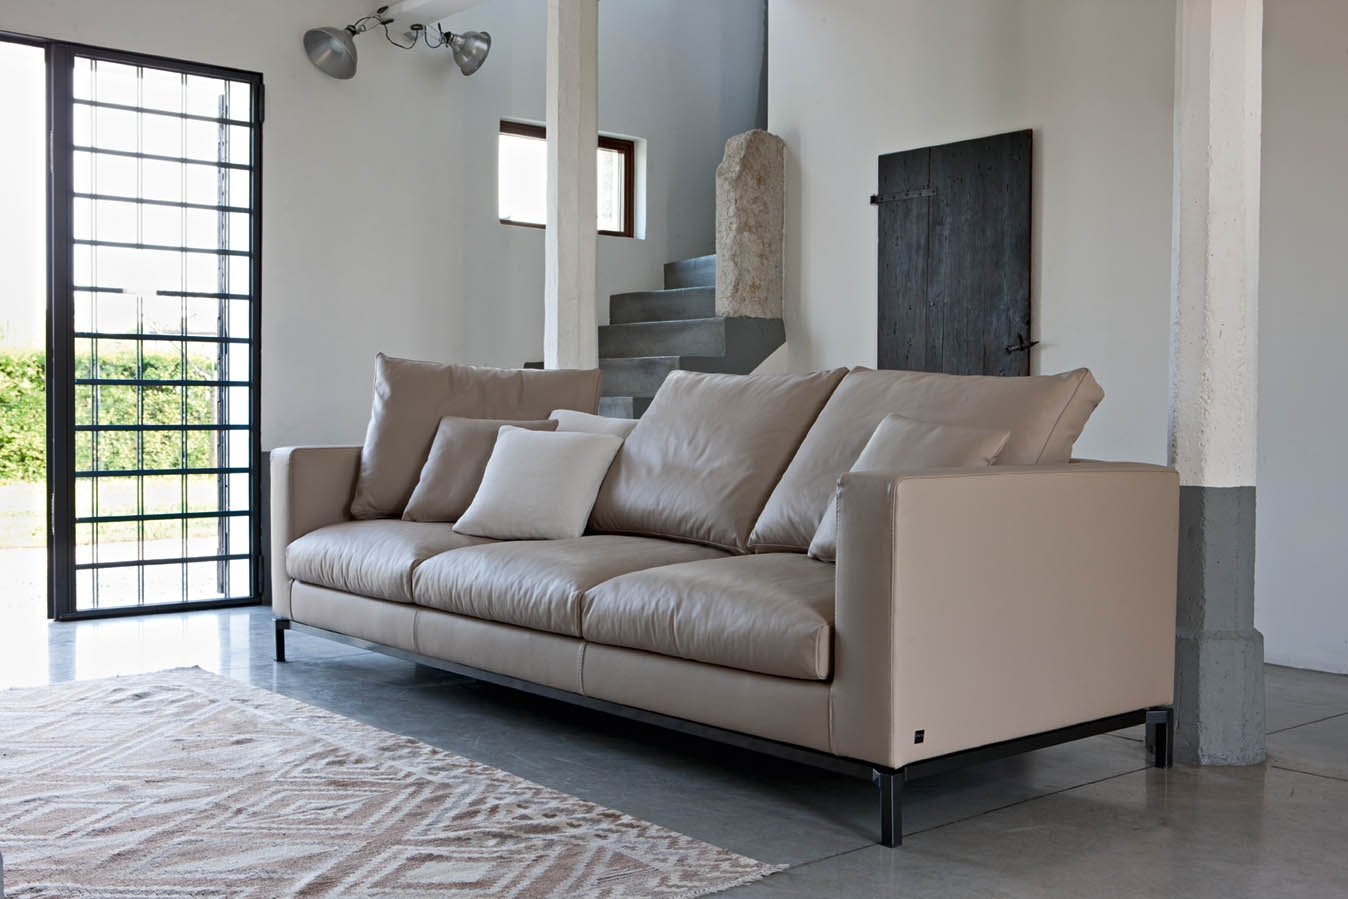 Divano colle divano con penisola divani a prezzi scontati - Divano con penisola ...